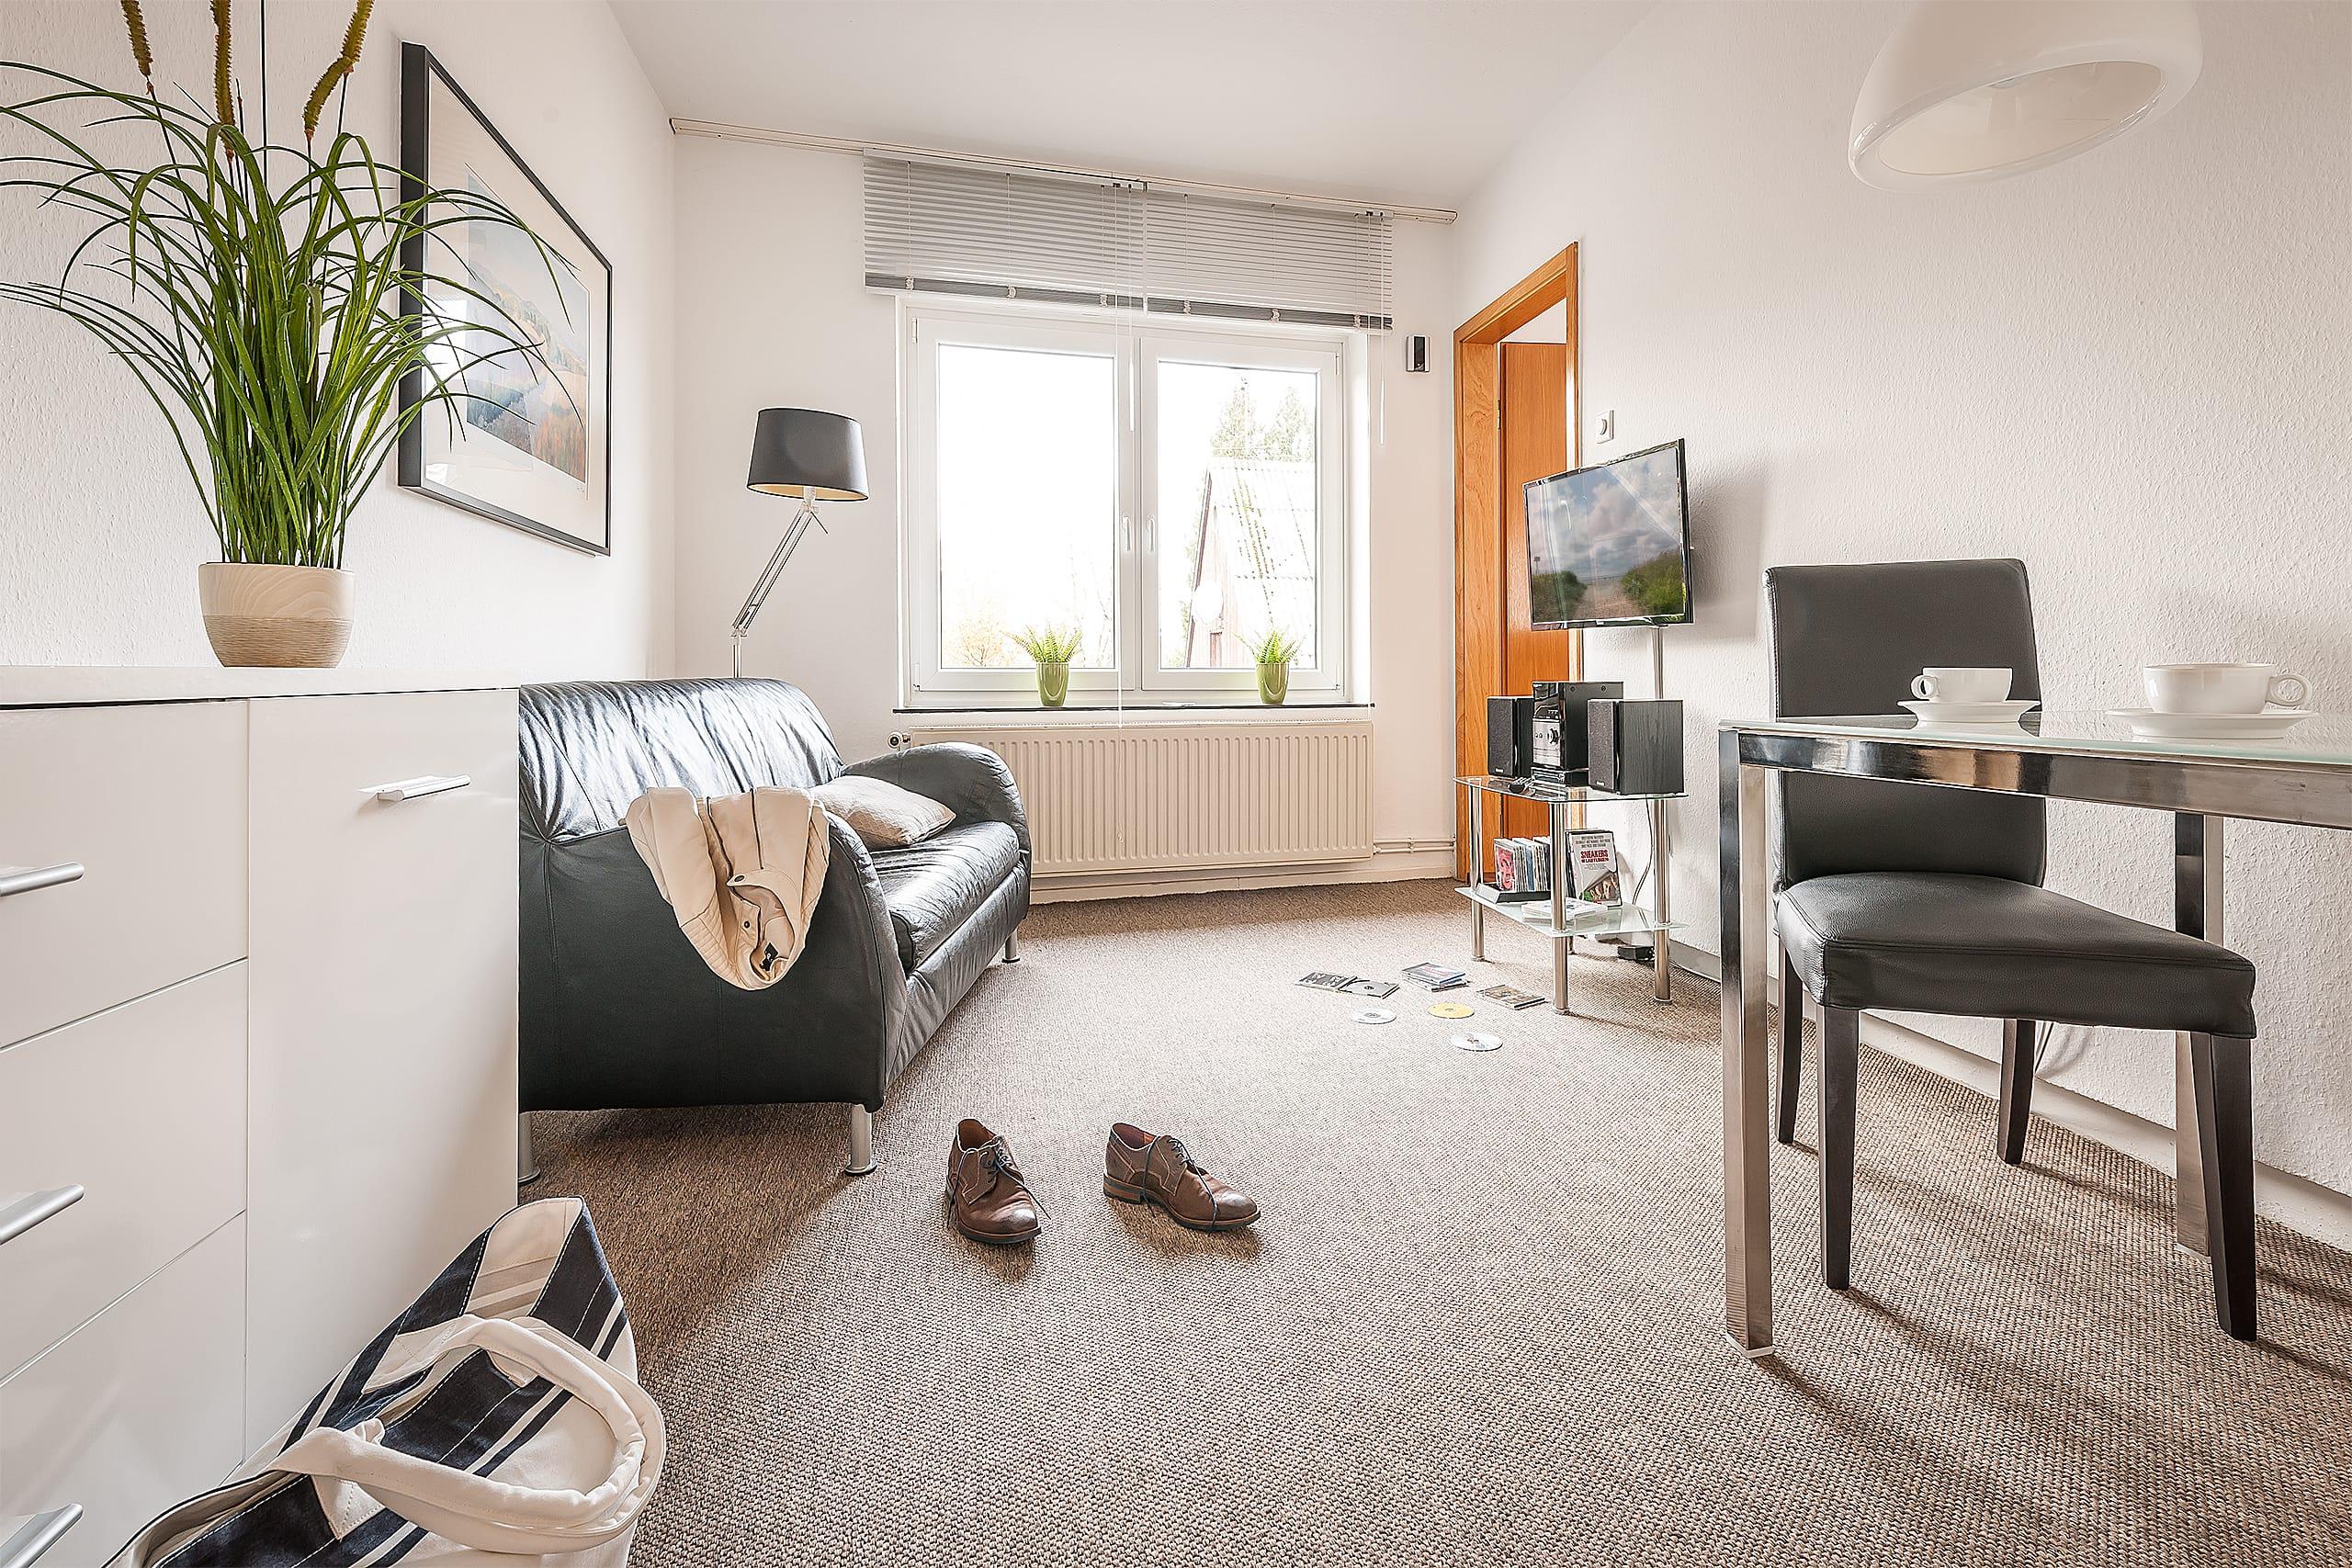 Bennos-Scheune-KleinerSpeicher-Wohnzimmer